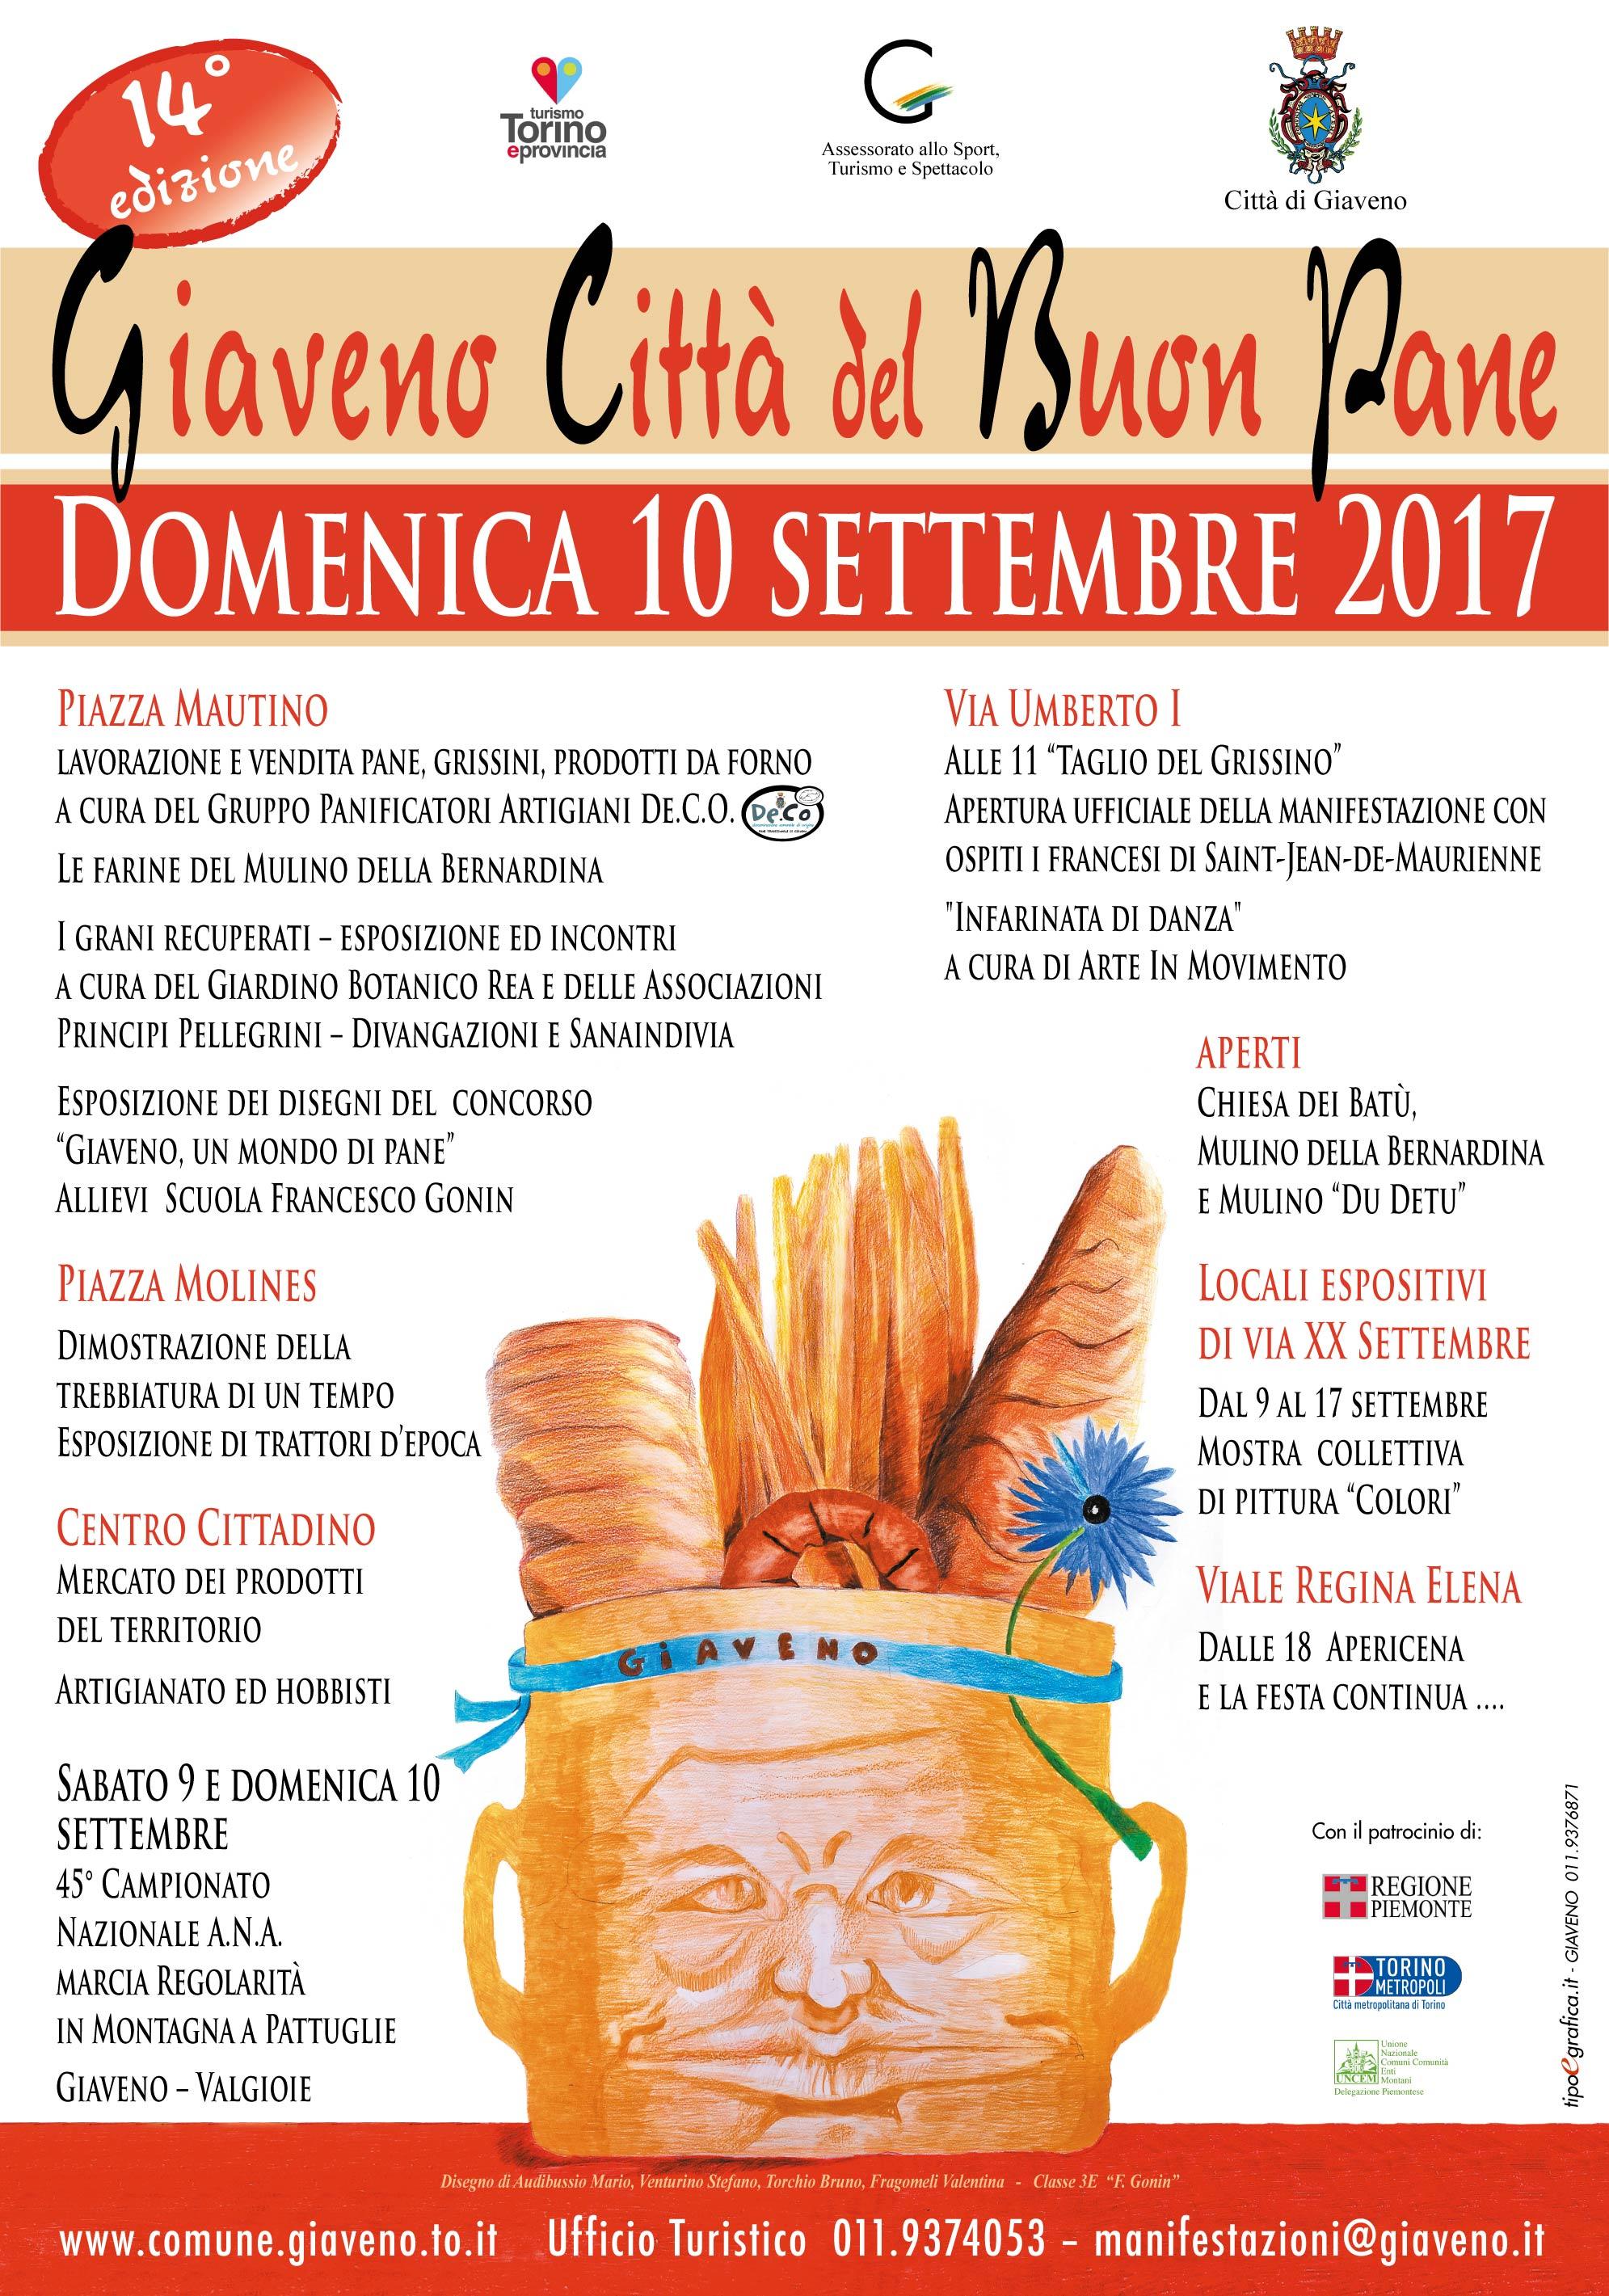 Giaveno Città del Buon Pane – domenica 10 settembre 2017